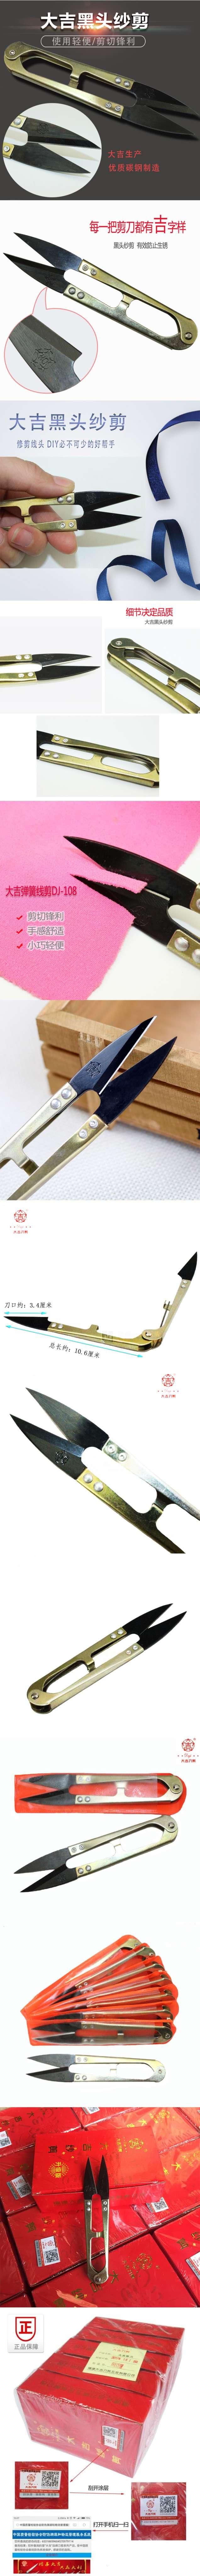 DJ-108長圖.jpg